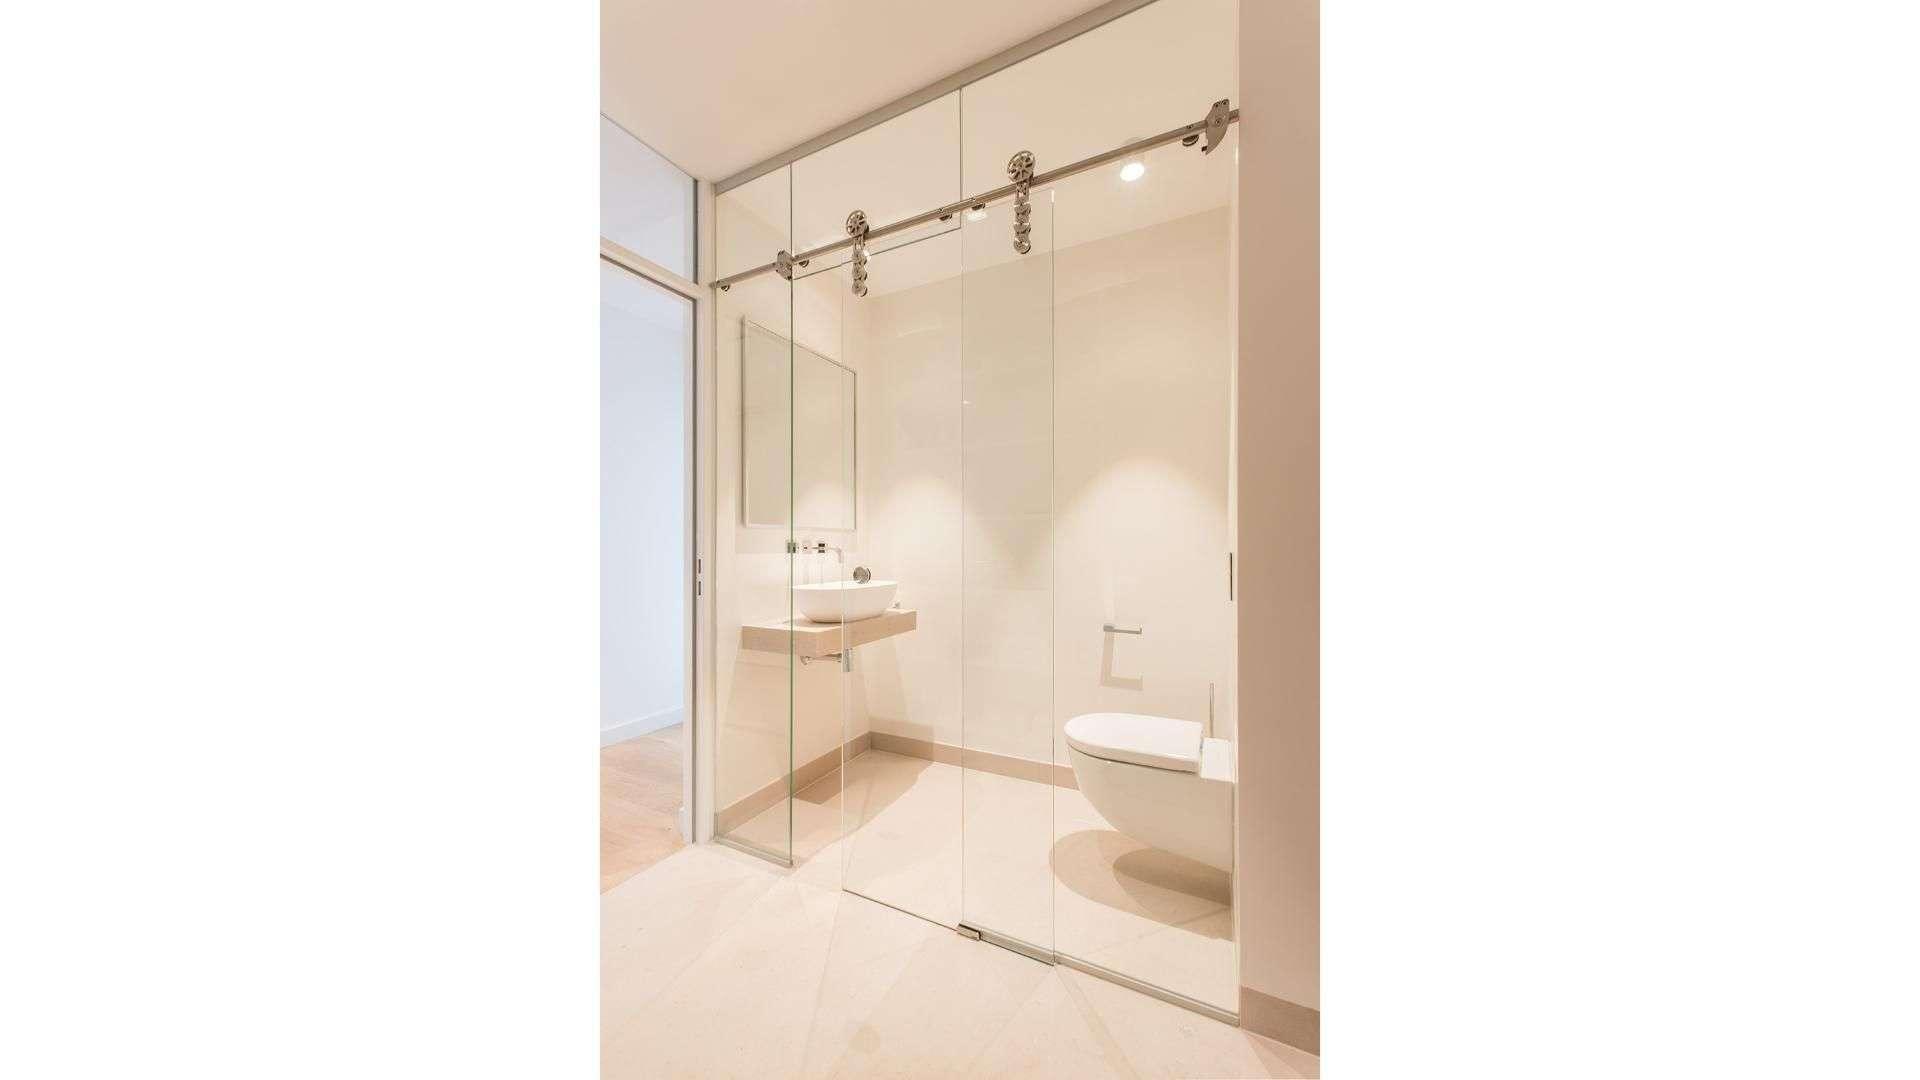 Glas-Schiebetür vor einem Badezimmer